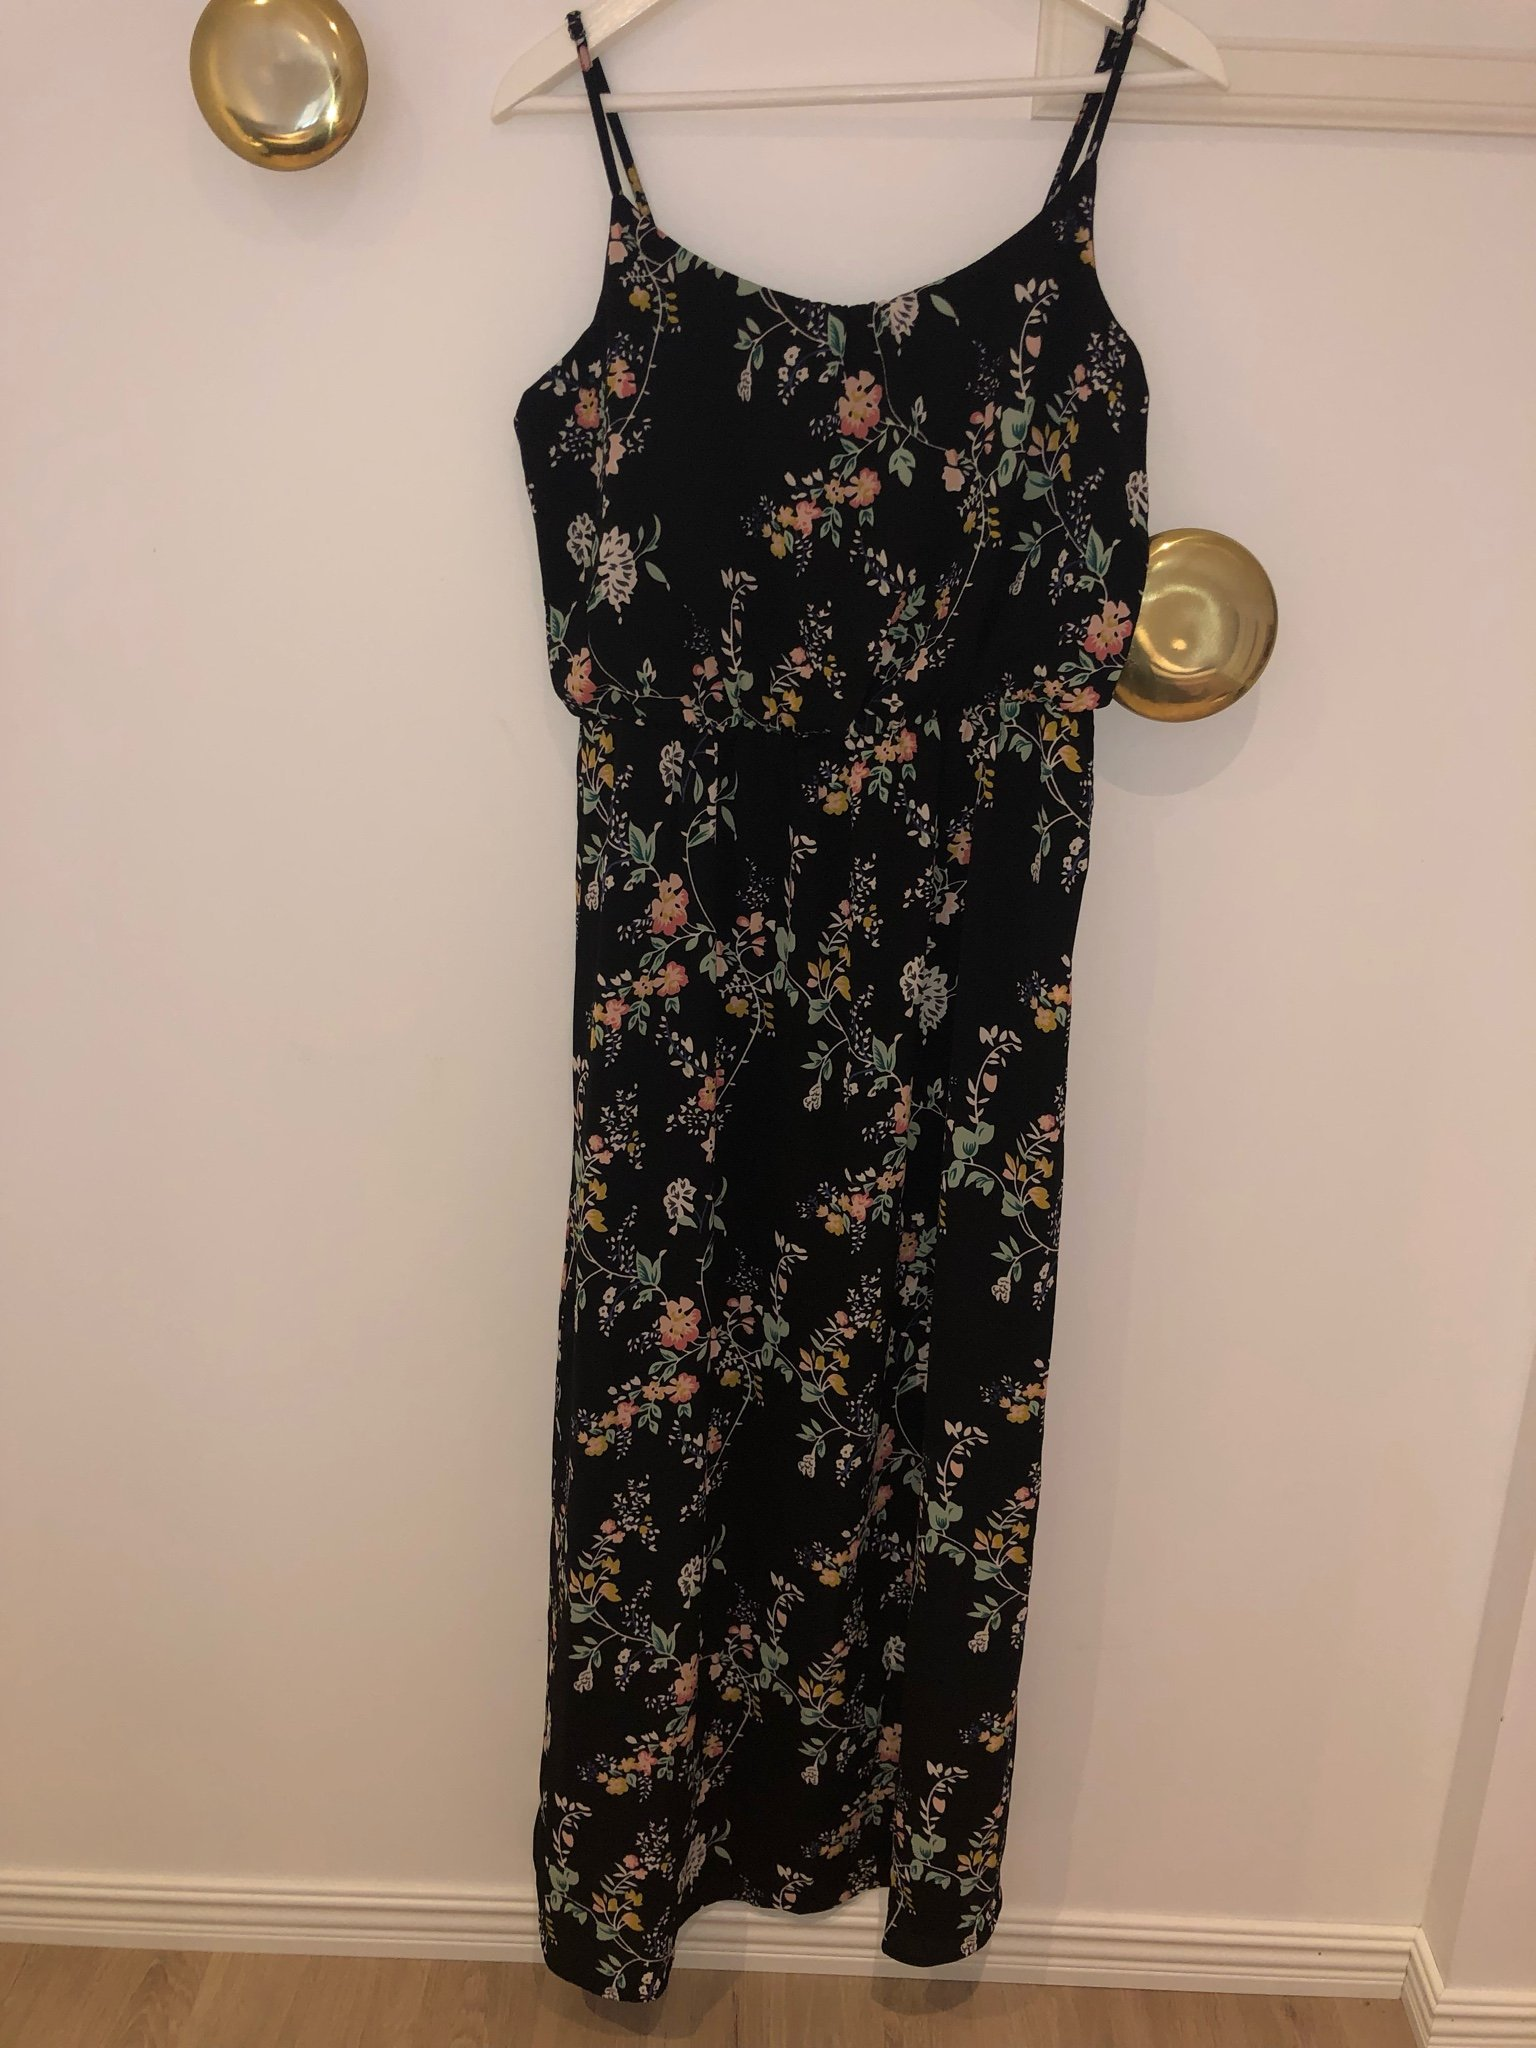 315d83077910 Ny långklänning från Only, storlek 40 (346374701) ᐈ Köp på Tradera